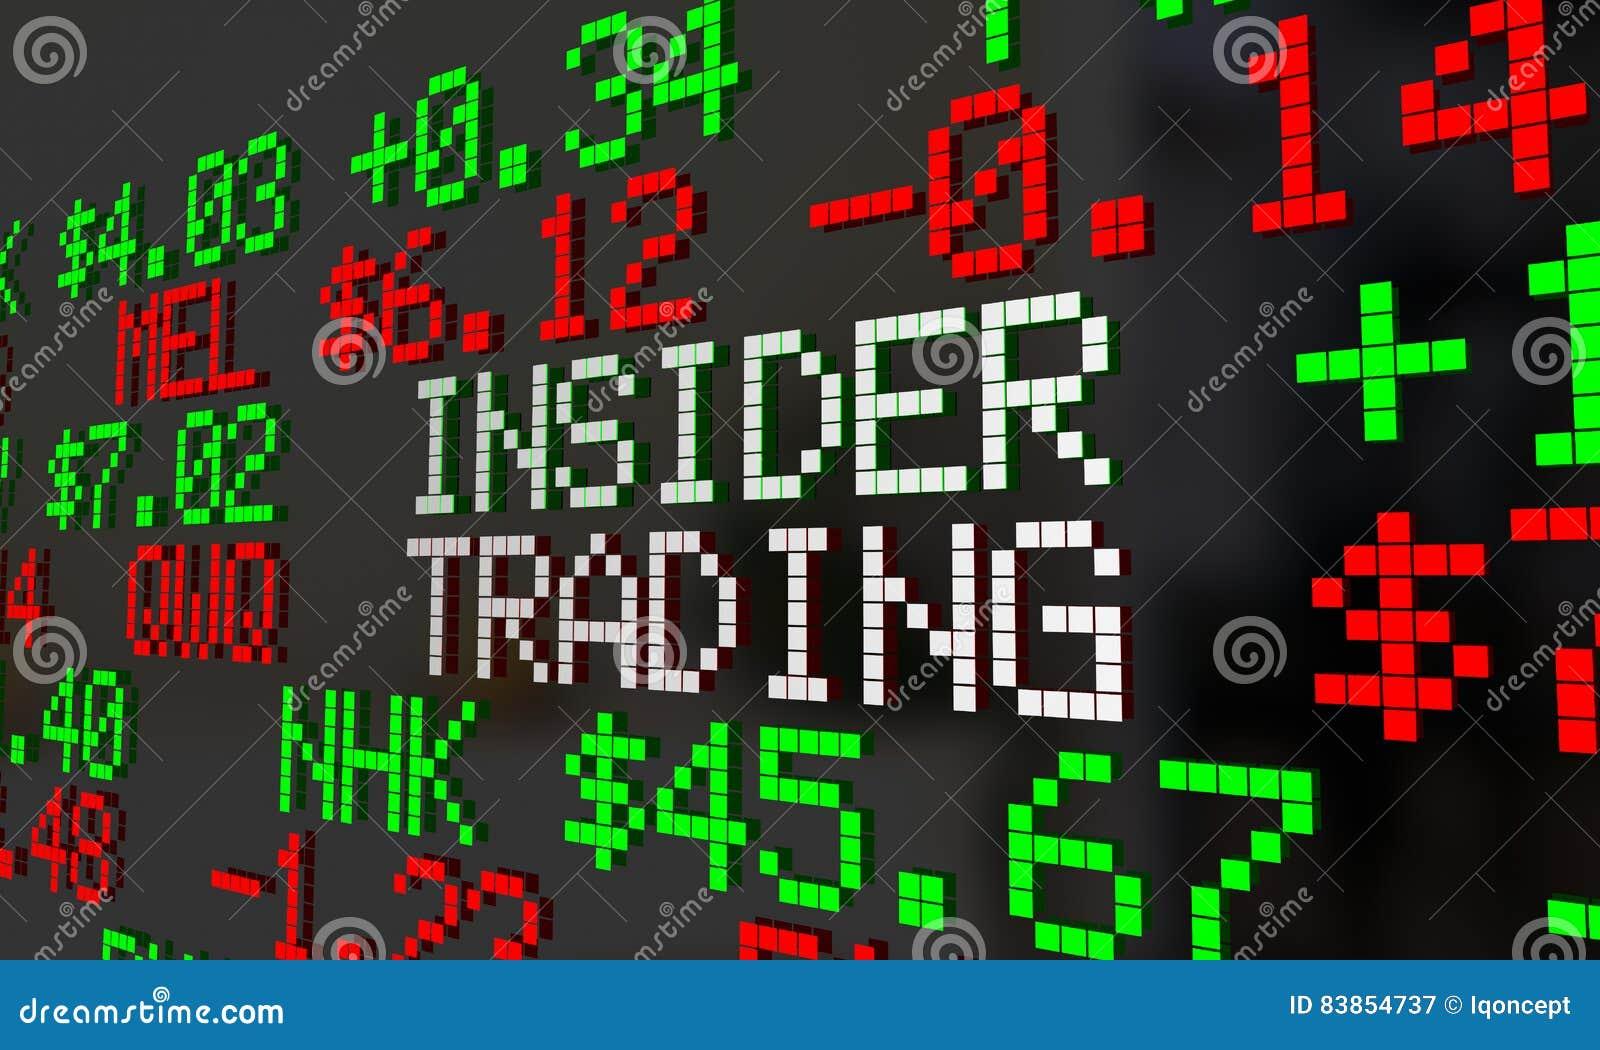 Insider Trader Illegal Stock Market Trading Ticker Symbols Stock